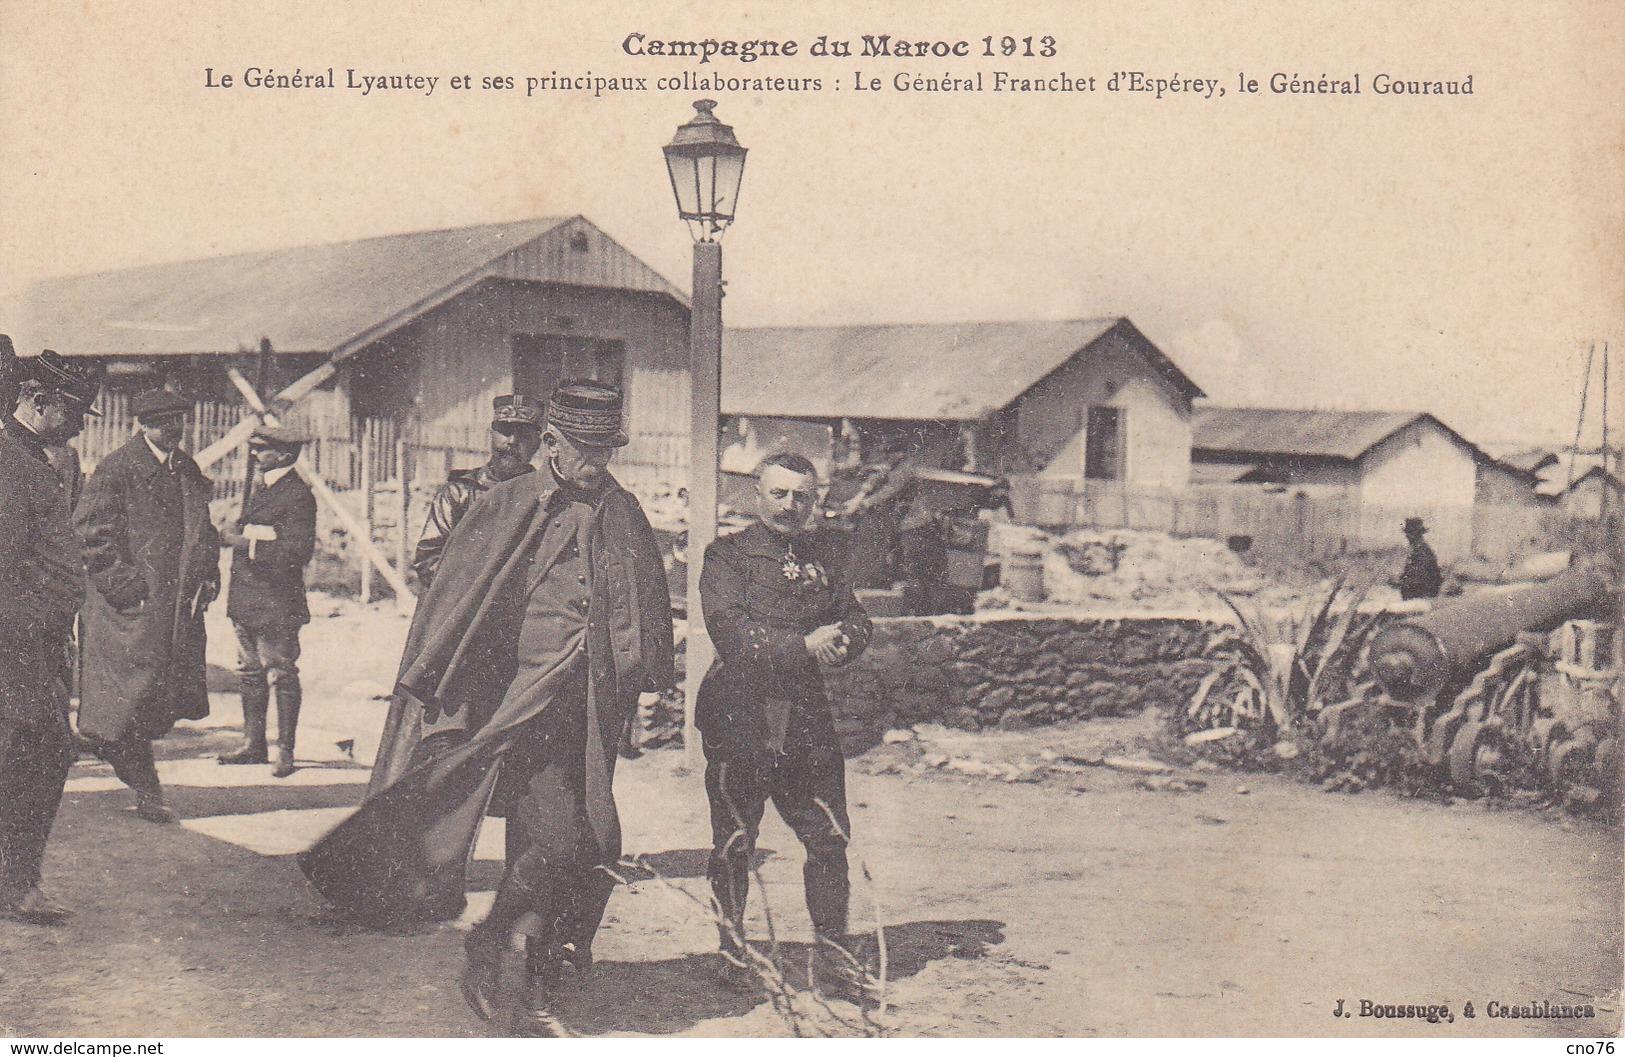 Fez Campagne Du Maroc 1913, Le Général Lyautey Et Ses Principaux Collaborateurs - Fez